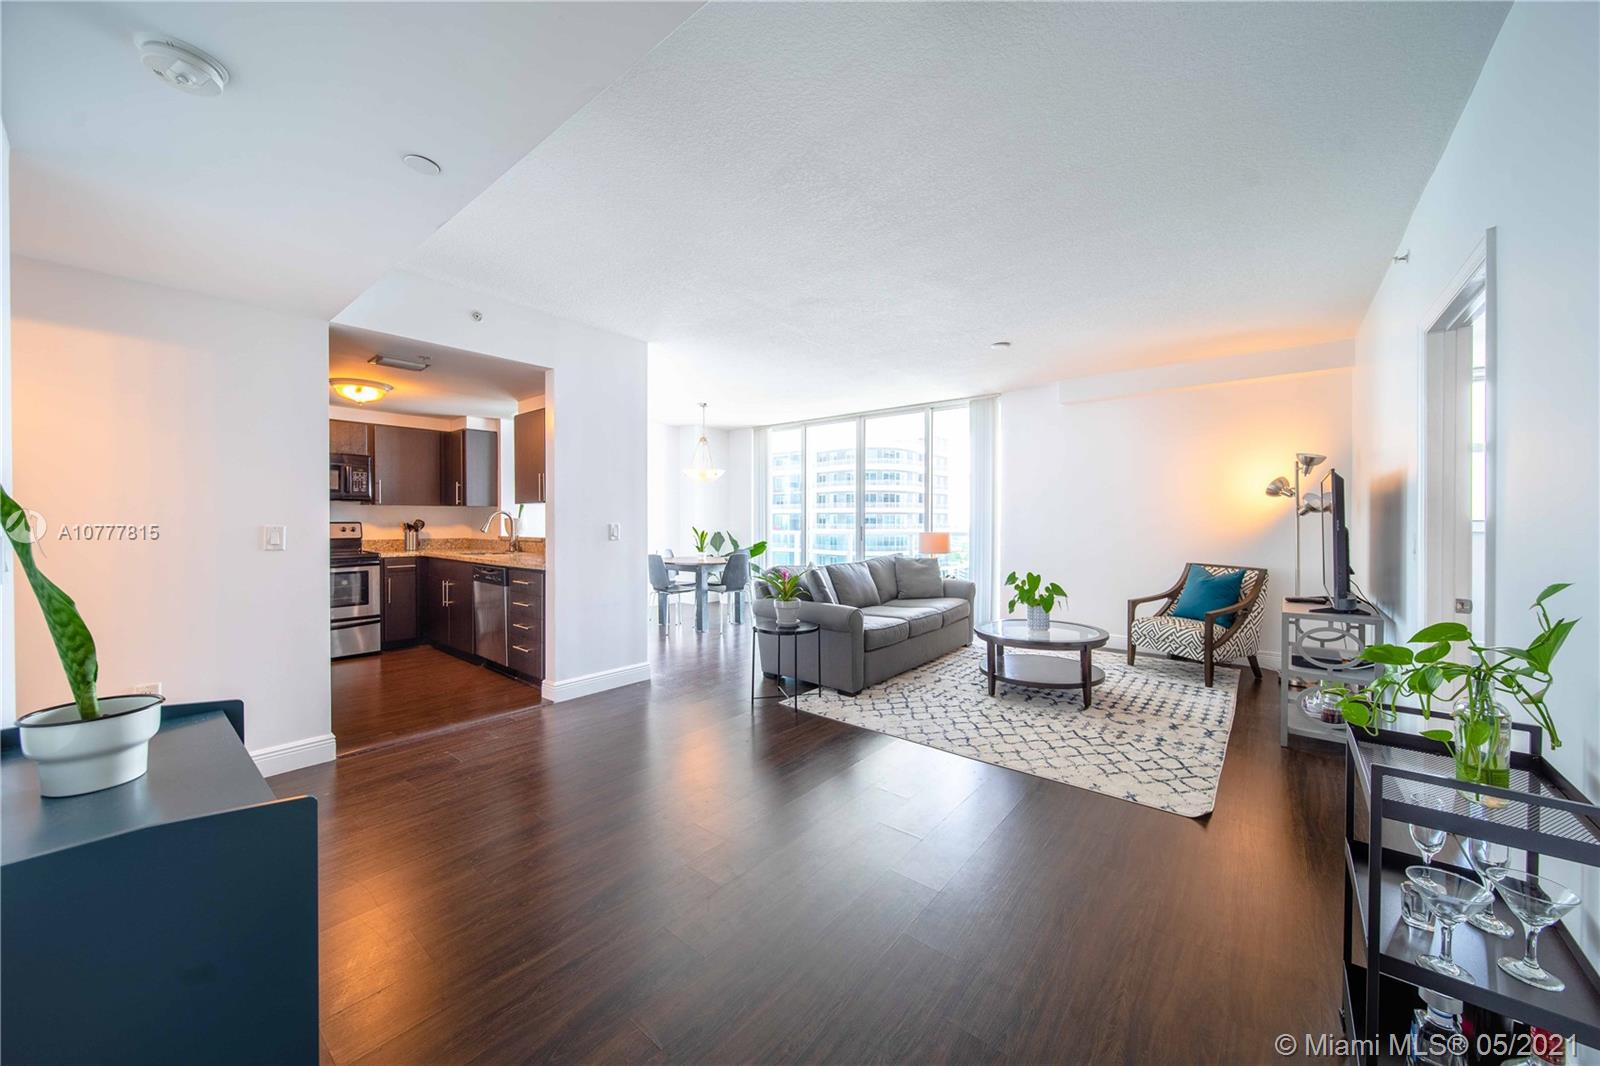 1250 S Miami Ave #2201 For Sale A10777815, FL